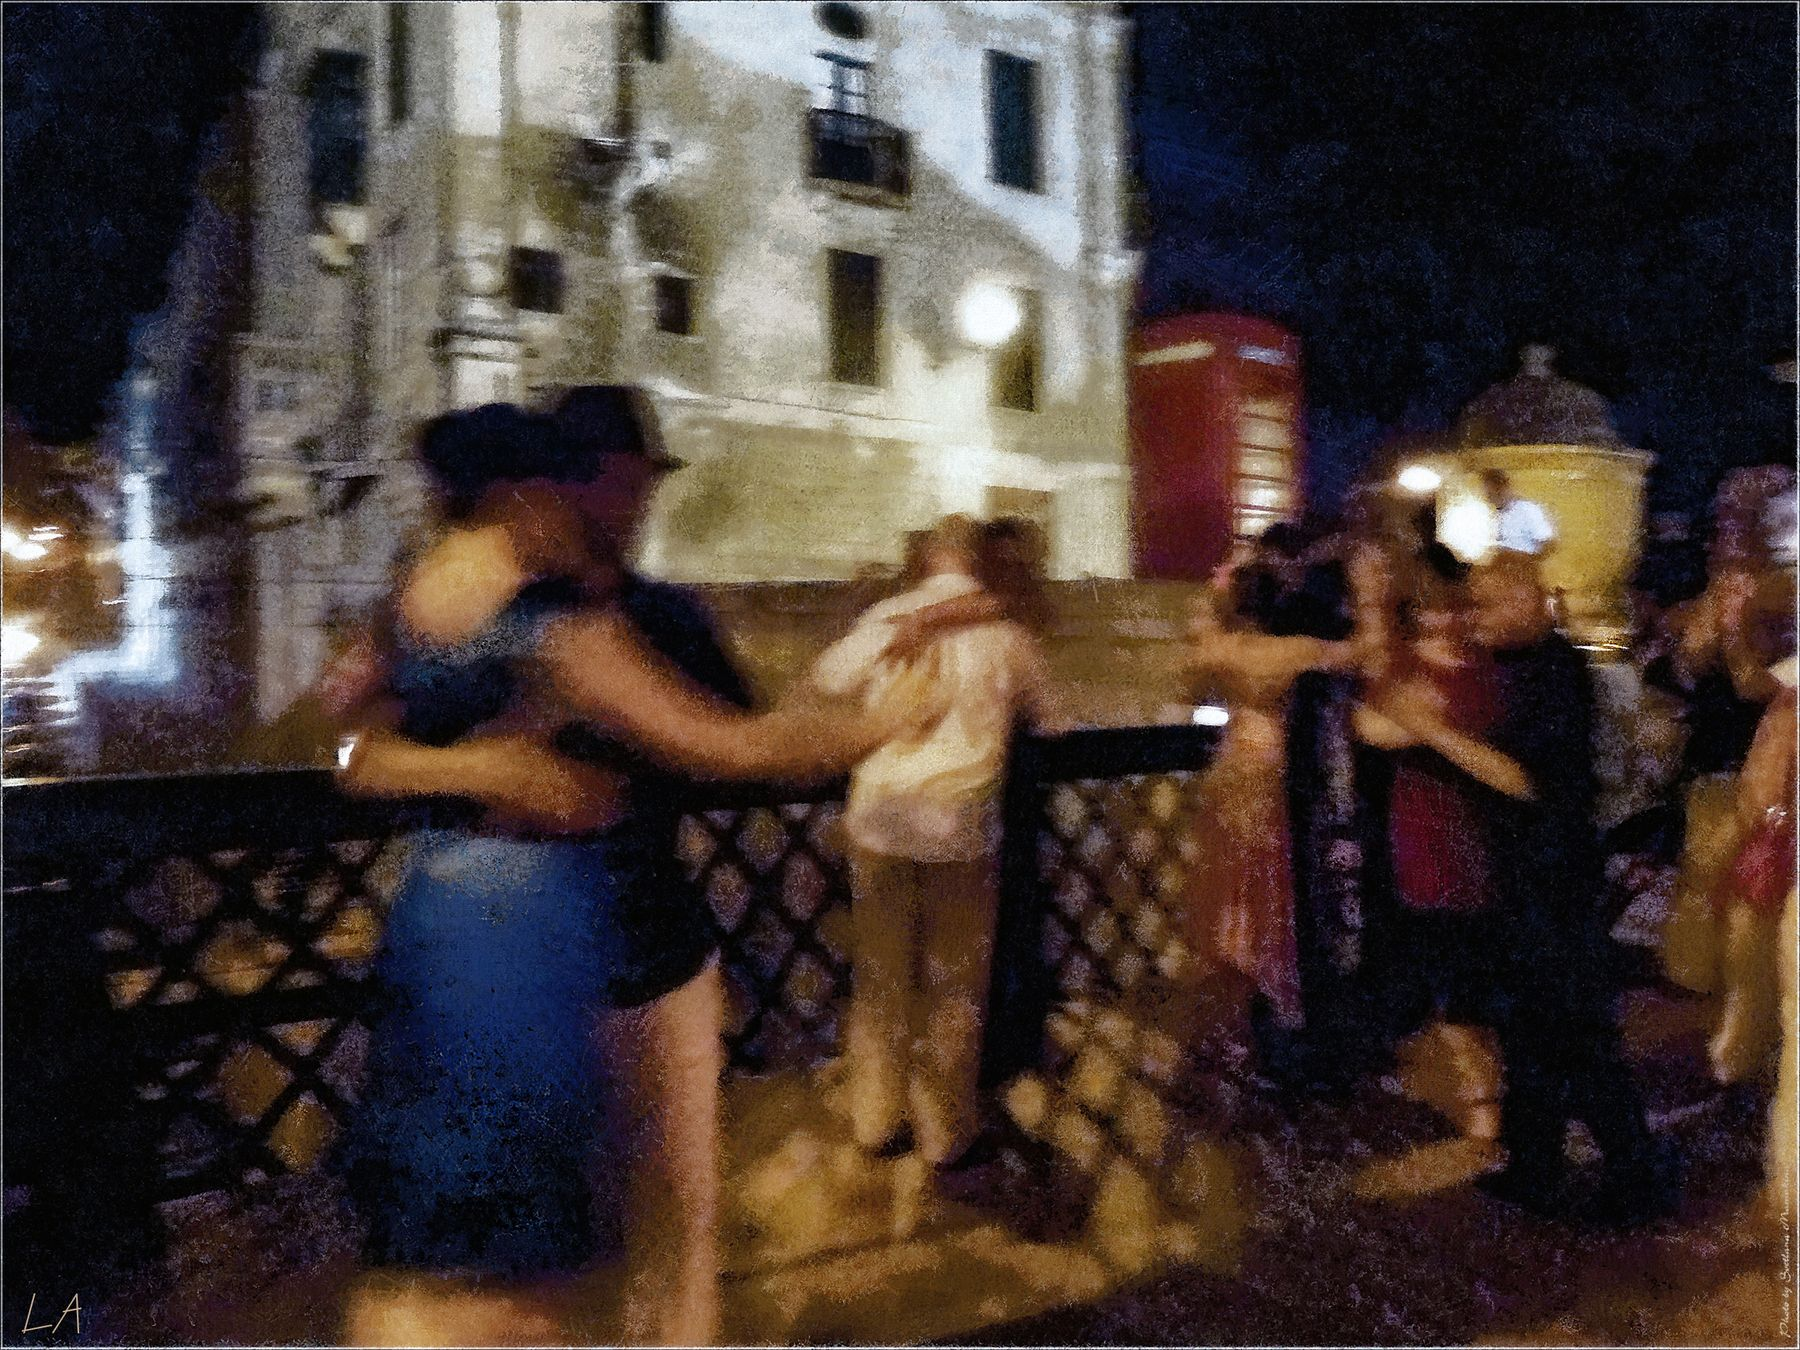 *Ночные танцы в Валетте* фотография путешествие Мальта Валетта праздник Ноте Бьянка танцы ночь осень жанр Фото.Сайт Светлана Мамакина Lihgra Adventure